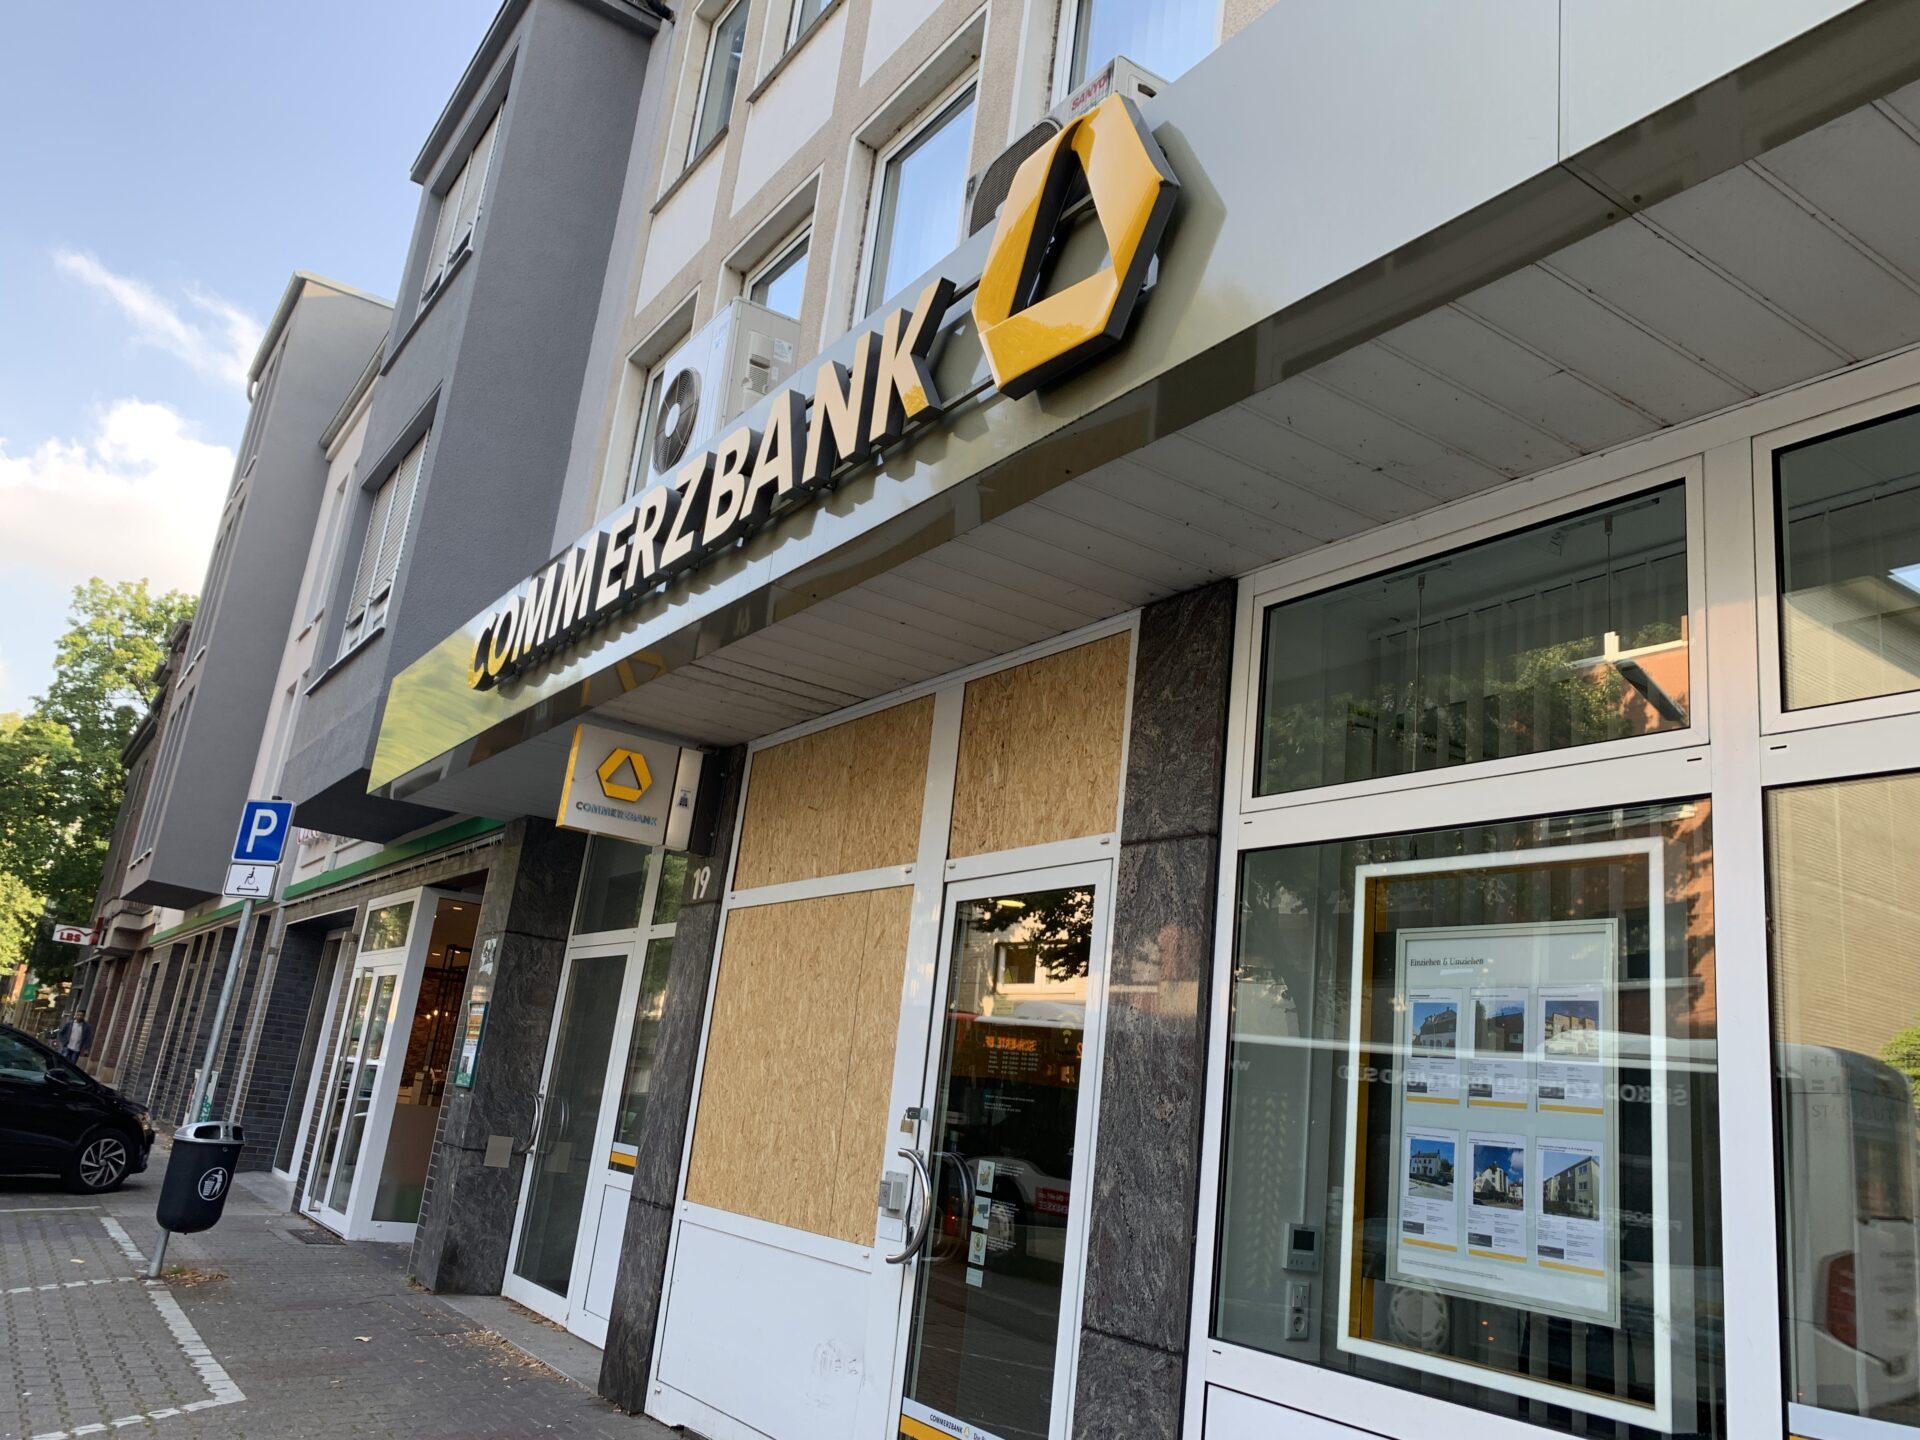 Commerzbank-Filiale mit SUV gerammt – dann mit Sturmhaube eingebrochen